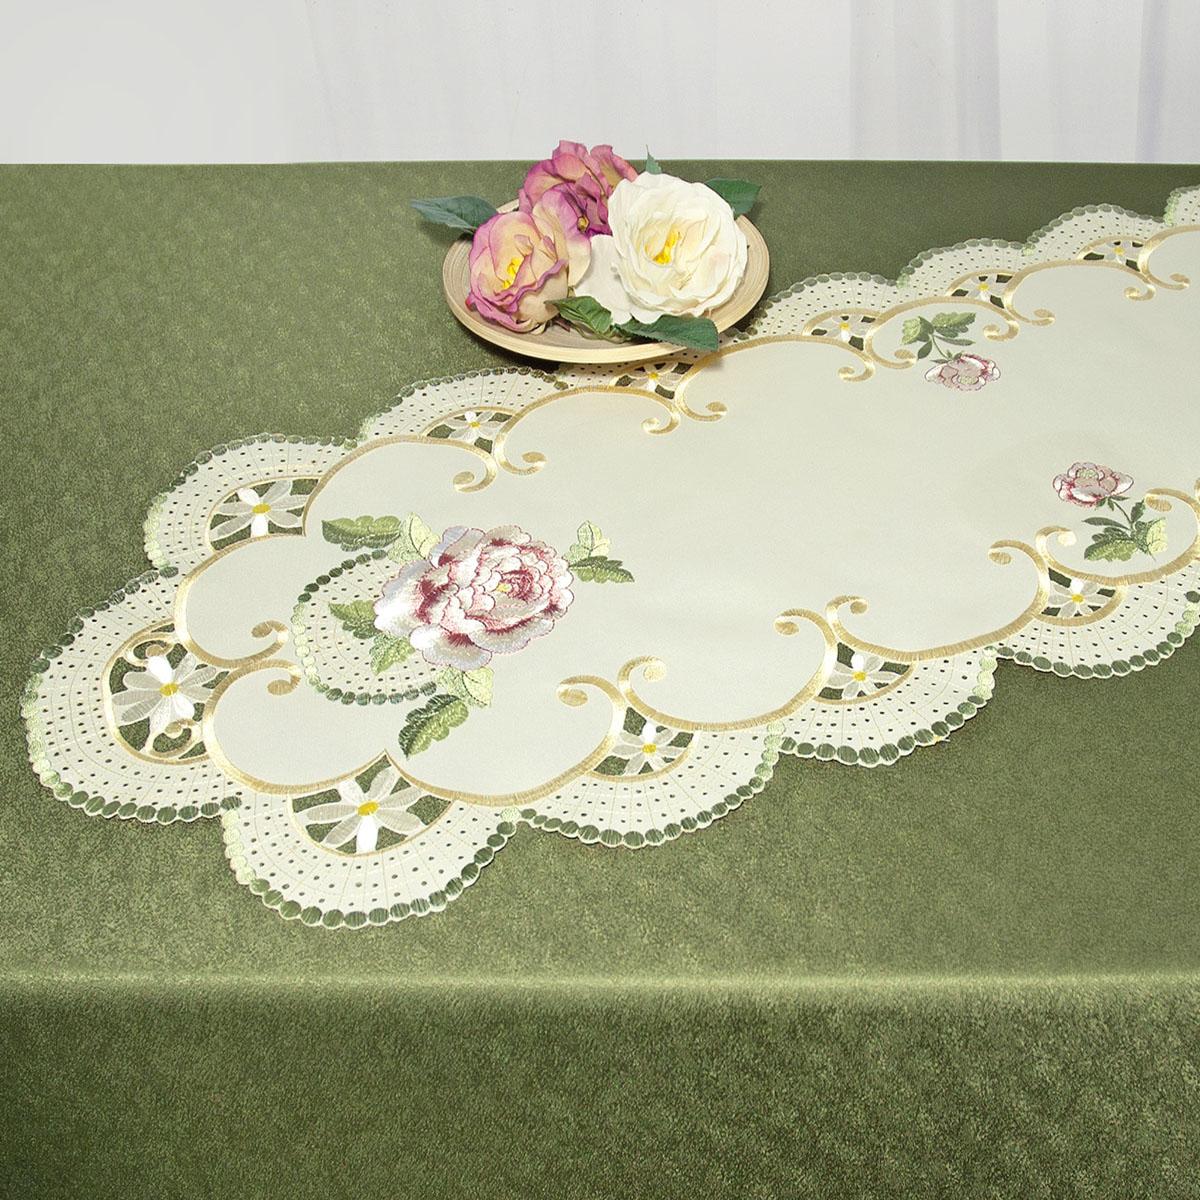 Дорожка для декорирования стола Schaefer, овальная, цвет: бежевый, зеленый, 40 x 110 см 07484-23307484-233Дорожка Schaefer выполнена из высококачественного полиэстера и и украшена вышитыми рисунками в виде цветов. Края дорожки оформлены в технике ришелье. Вы можете использовать дорожку для декорирования стола, комода или журнального столика.Благодаря такой дорожке вы защитите поверхность мебели от воды, пятен и механических воздействий, а также создадите атмосферу уюта и домашнего тепла в интерьере вашей квартиры. Изделия из искусственных волокон легко стирать: они не мнутся, не садятся и быстро сохнут, они более долговечны, чем изделия из натуральных волокон.Изысканный текстиль от немецкой компании Schaefer - это красота, стиль и уют в вашем доме. Дорожка органично впишется в интерьер любого помещения, а оригинальный дизайн удовлетворит даже самый изысканный вкус. Дарите себе и близким красоту каждый день!